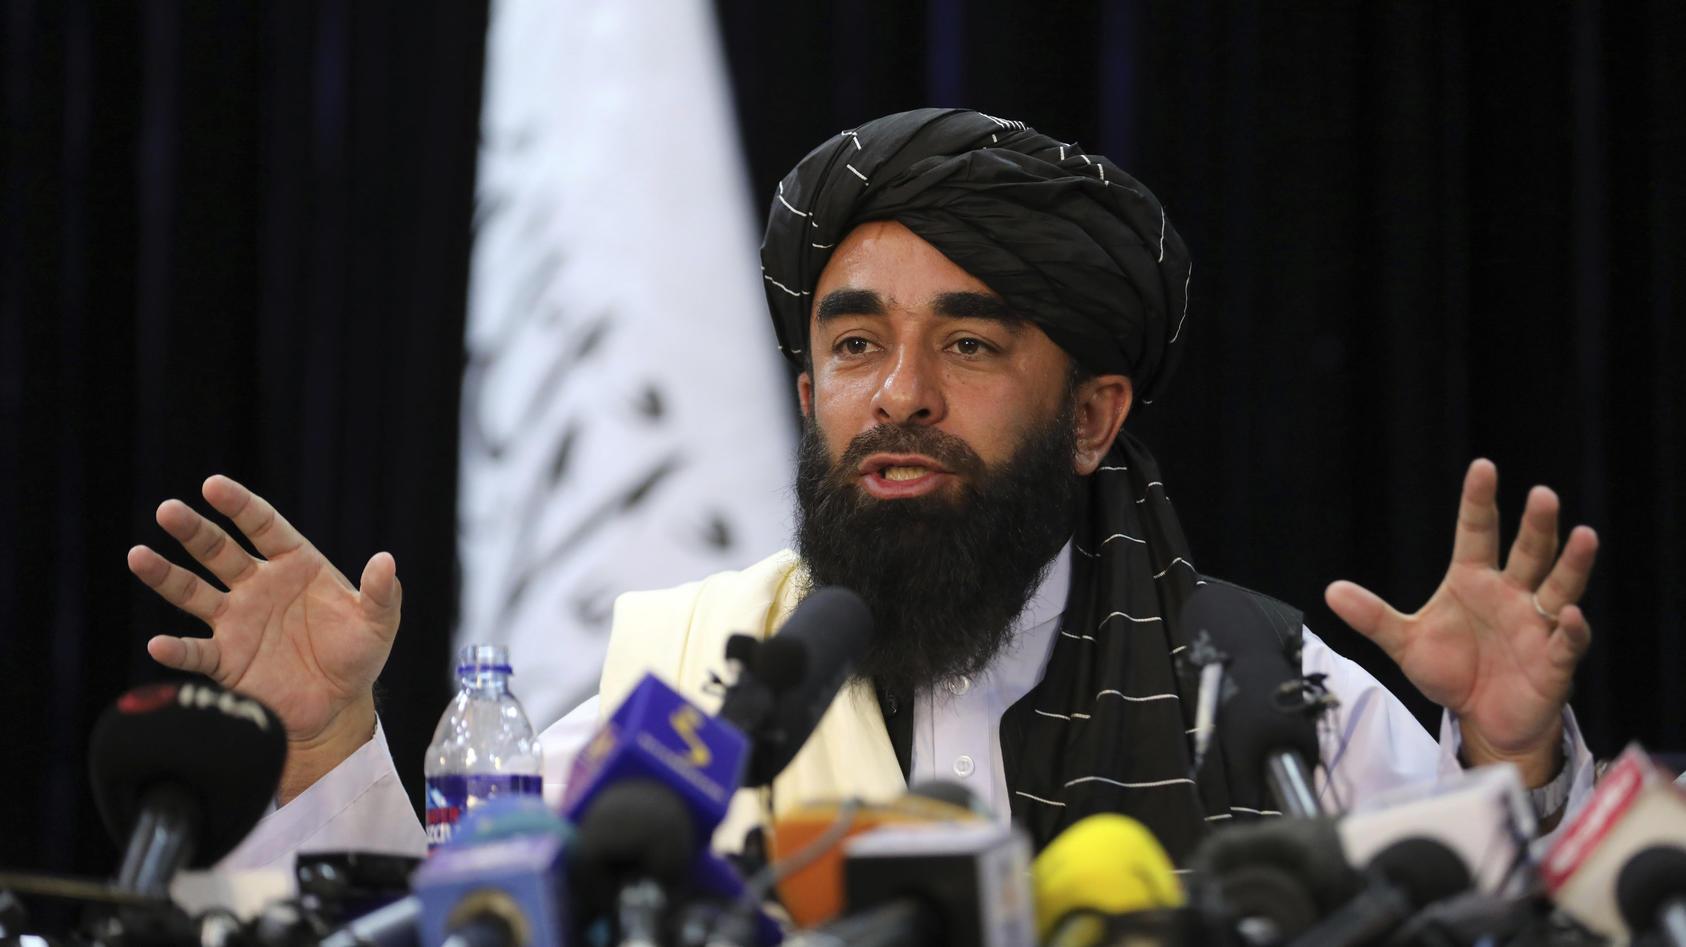 Zabihullah Mujahid hat in einer Pressekonferenz über das Anliegen der Taliban gesprochen.